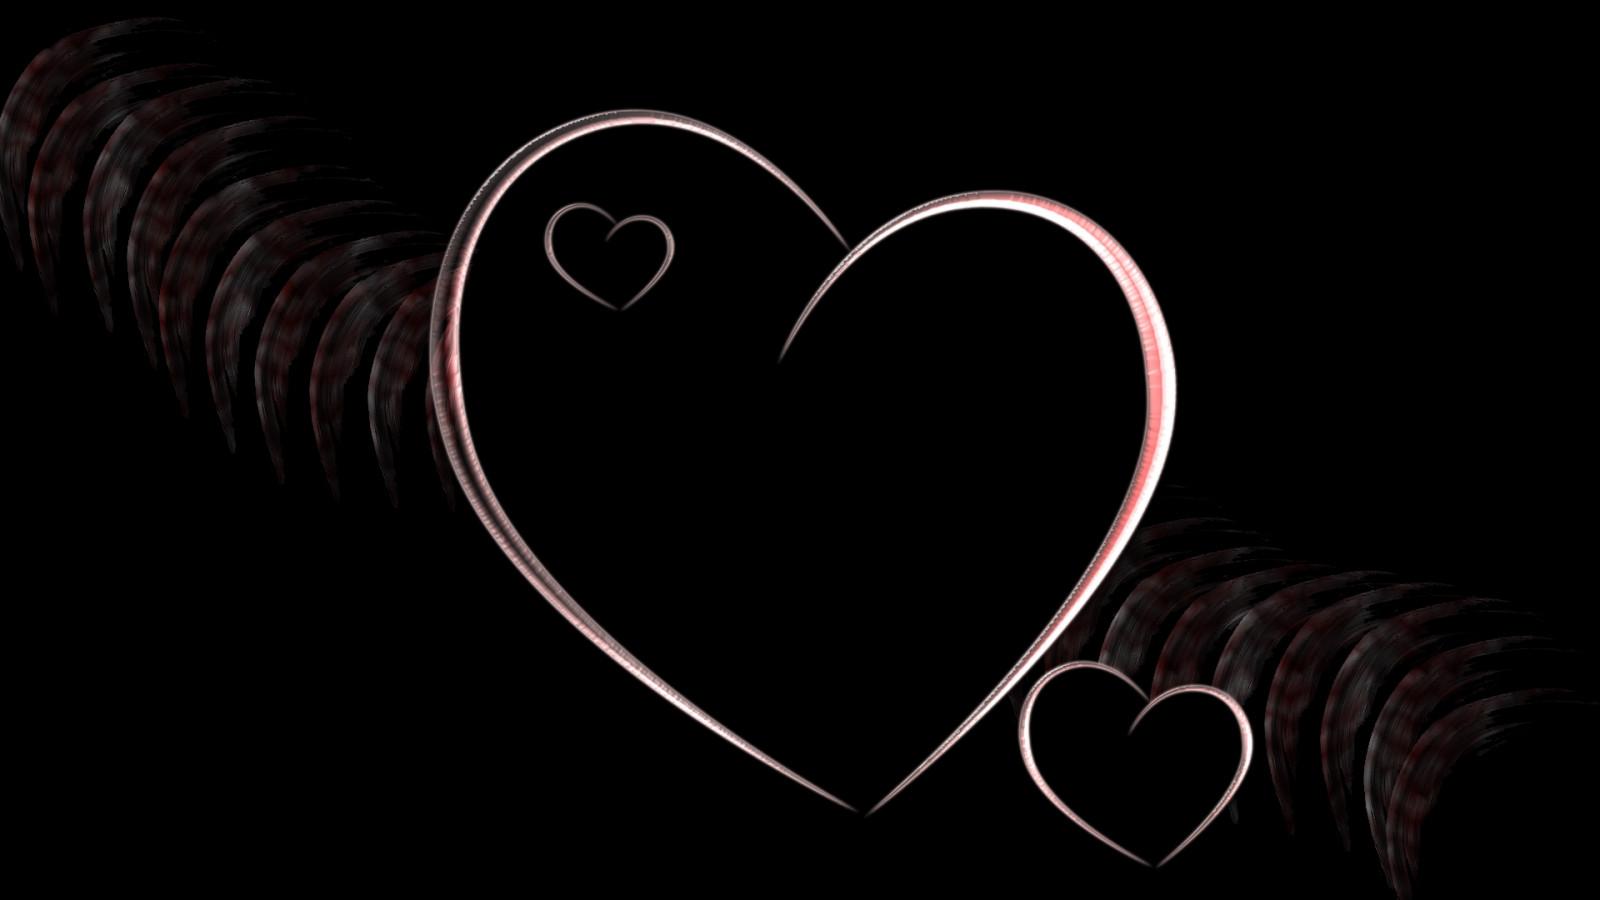 День поздравительные, красивые картинки с сердечками на черном фоне